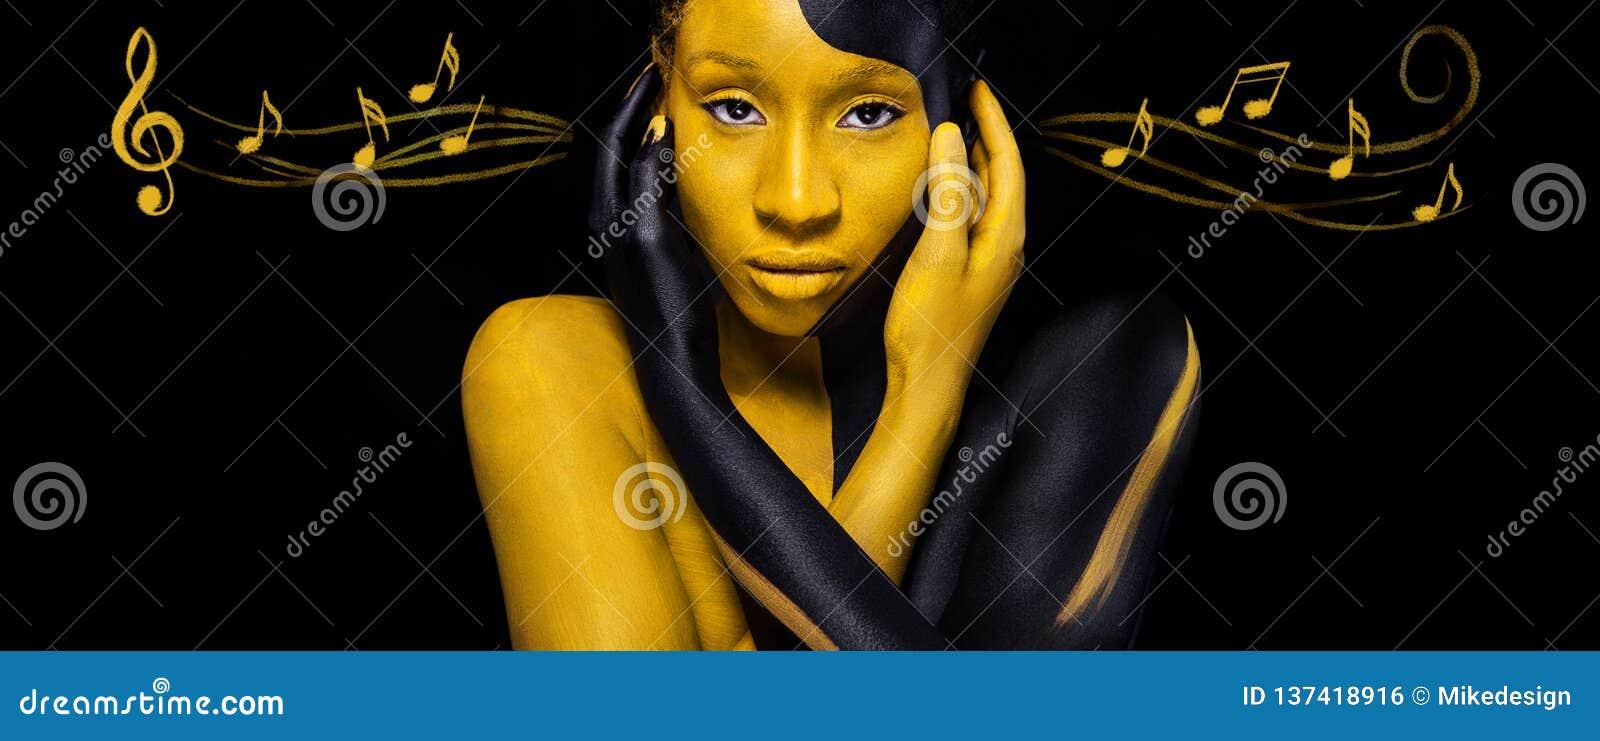 Nette junge afrikanische Frau mit Kunstmodemake-up Überraschende Frau mit schwarzen und gelben Make-up und den Anmerkungen bunt